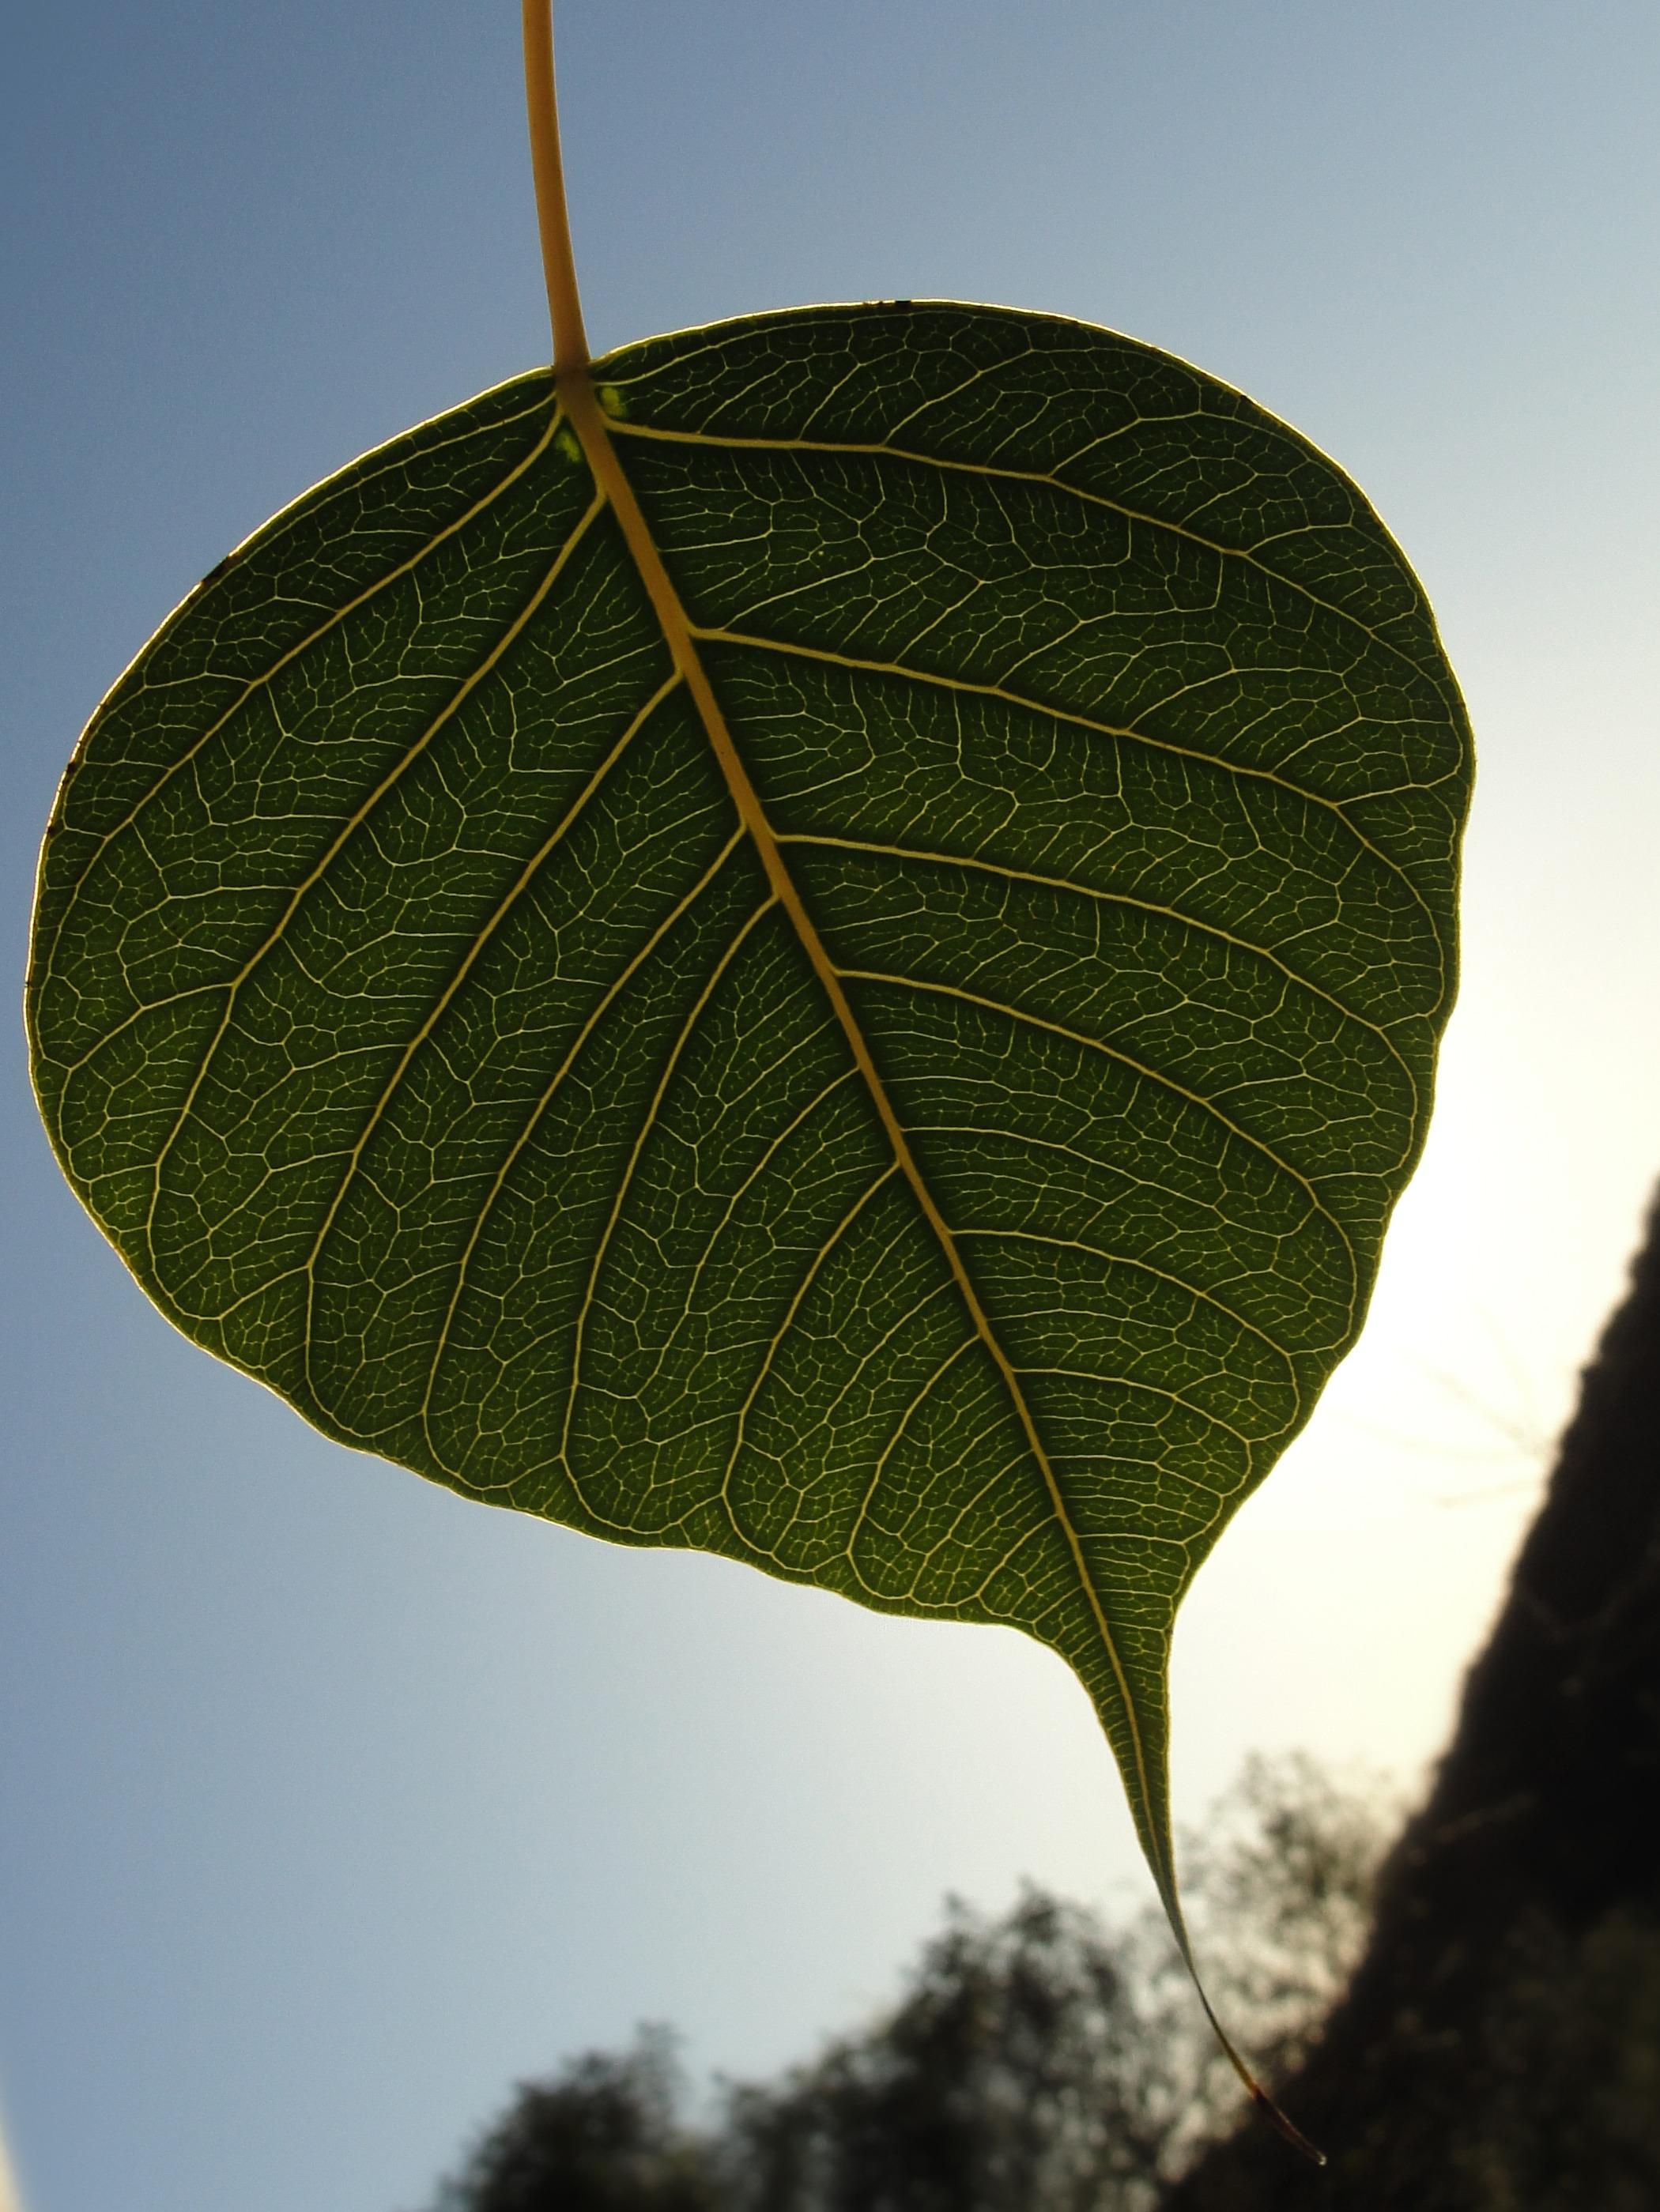 images gratuites arbre la nature branche lumi re du soleil fleur vert l 39 automne. Black Bedroom Furniture Sets. Home Design Ideas